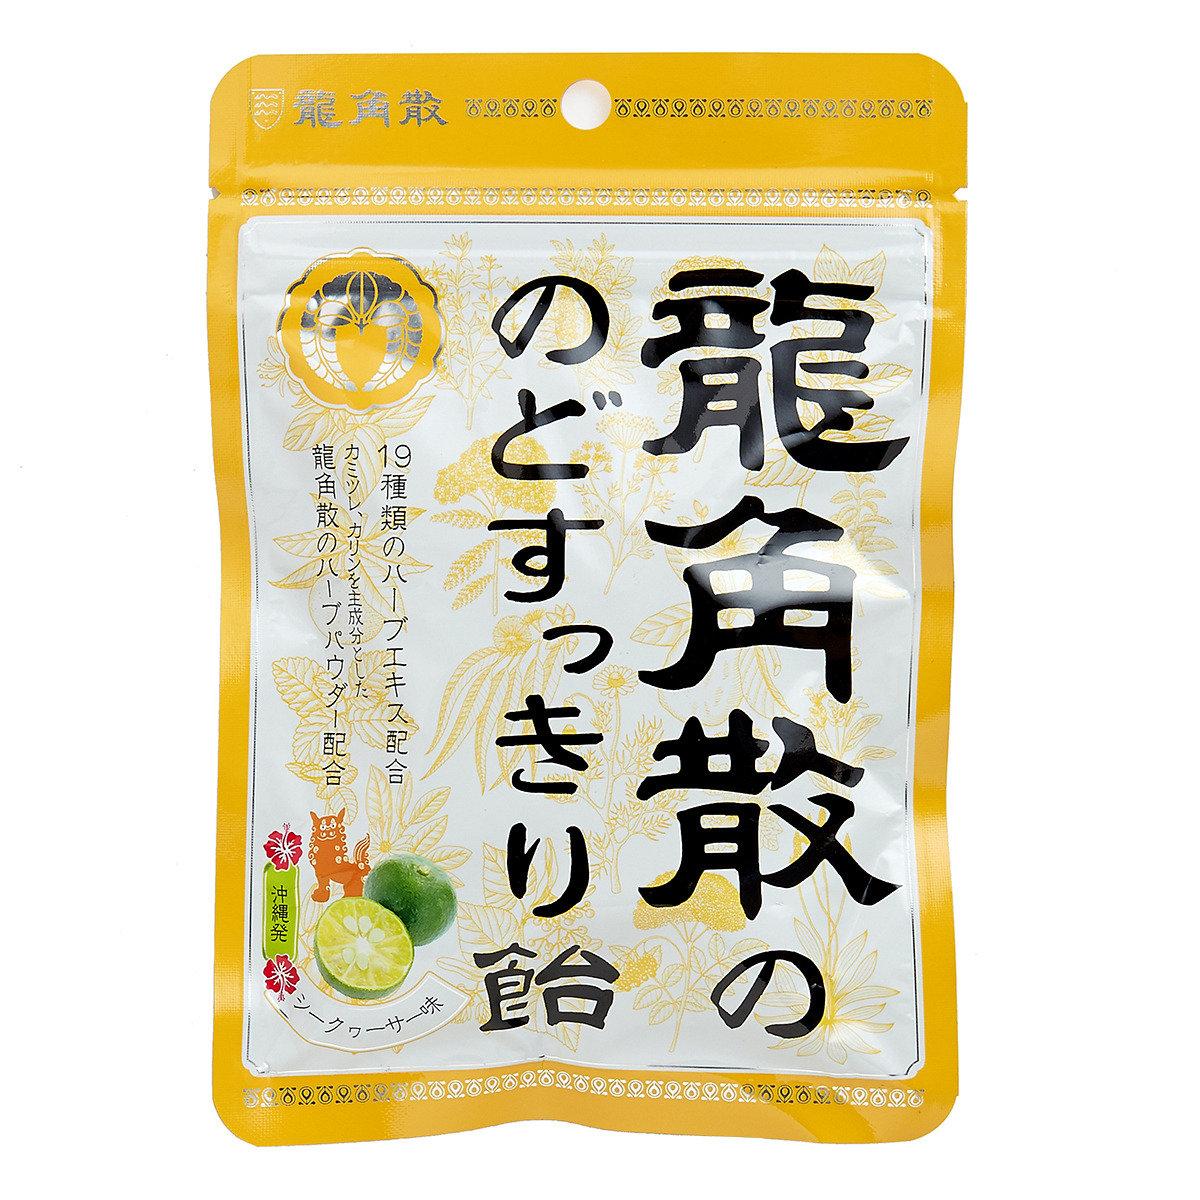 日本沖繩喉糖 - 香檸